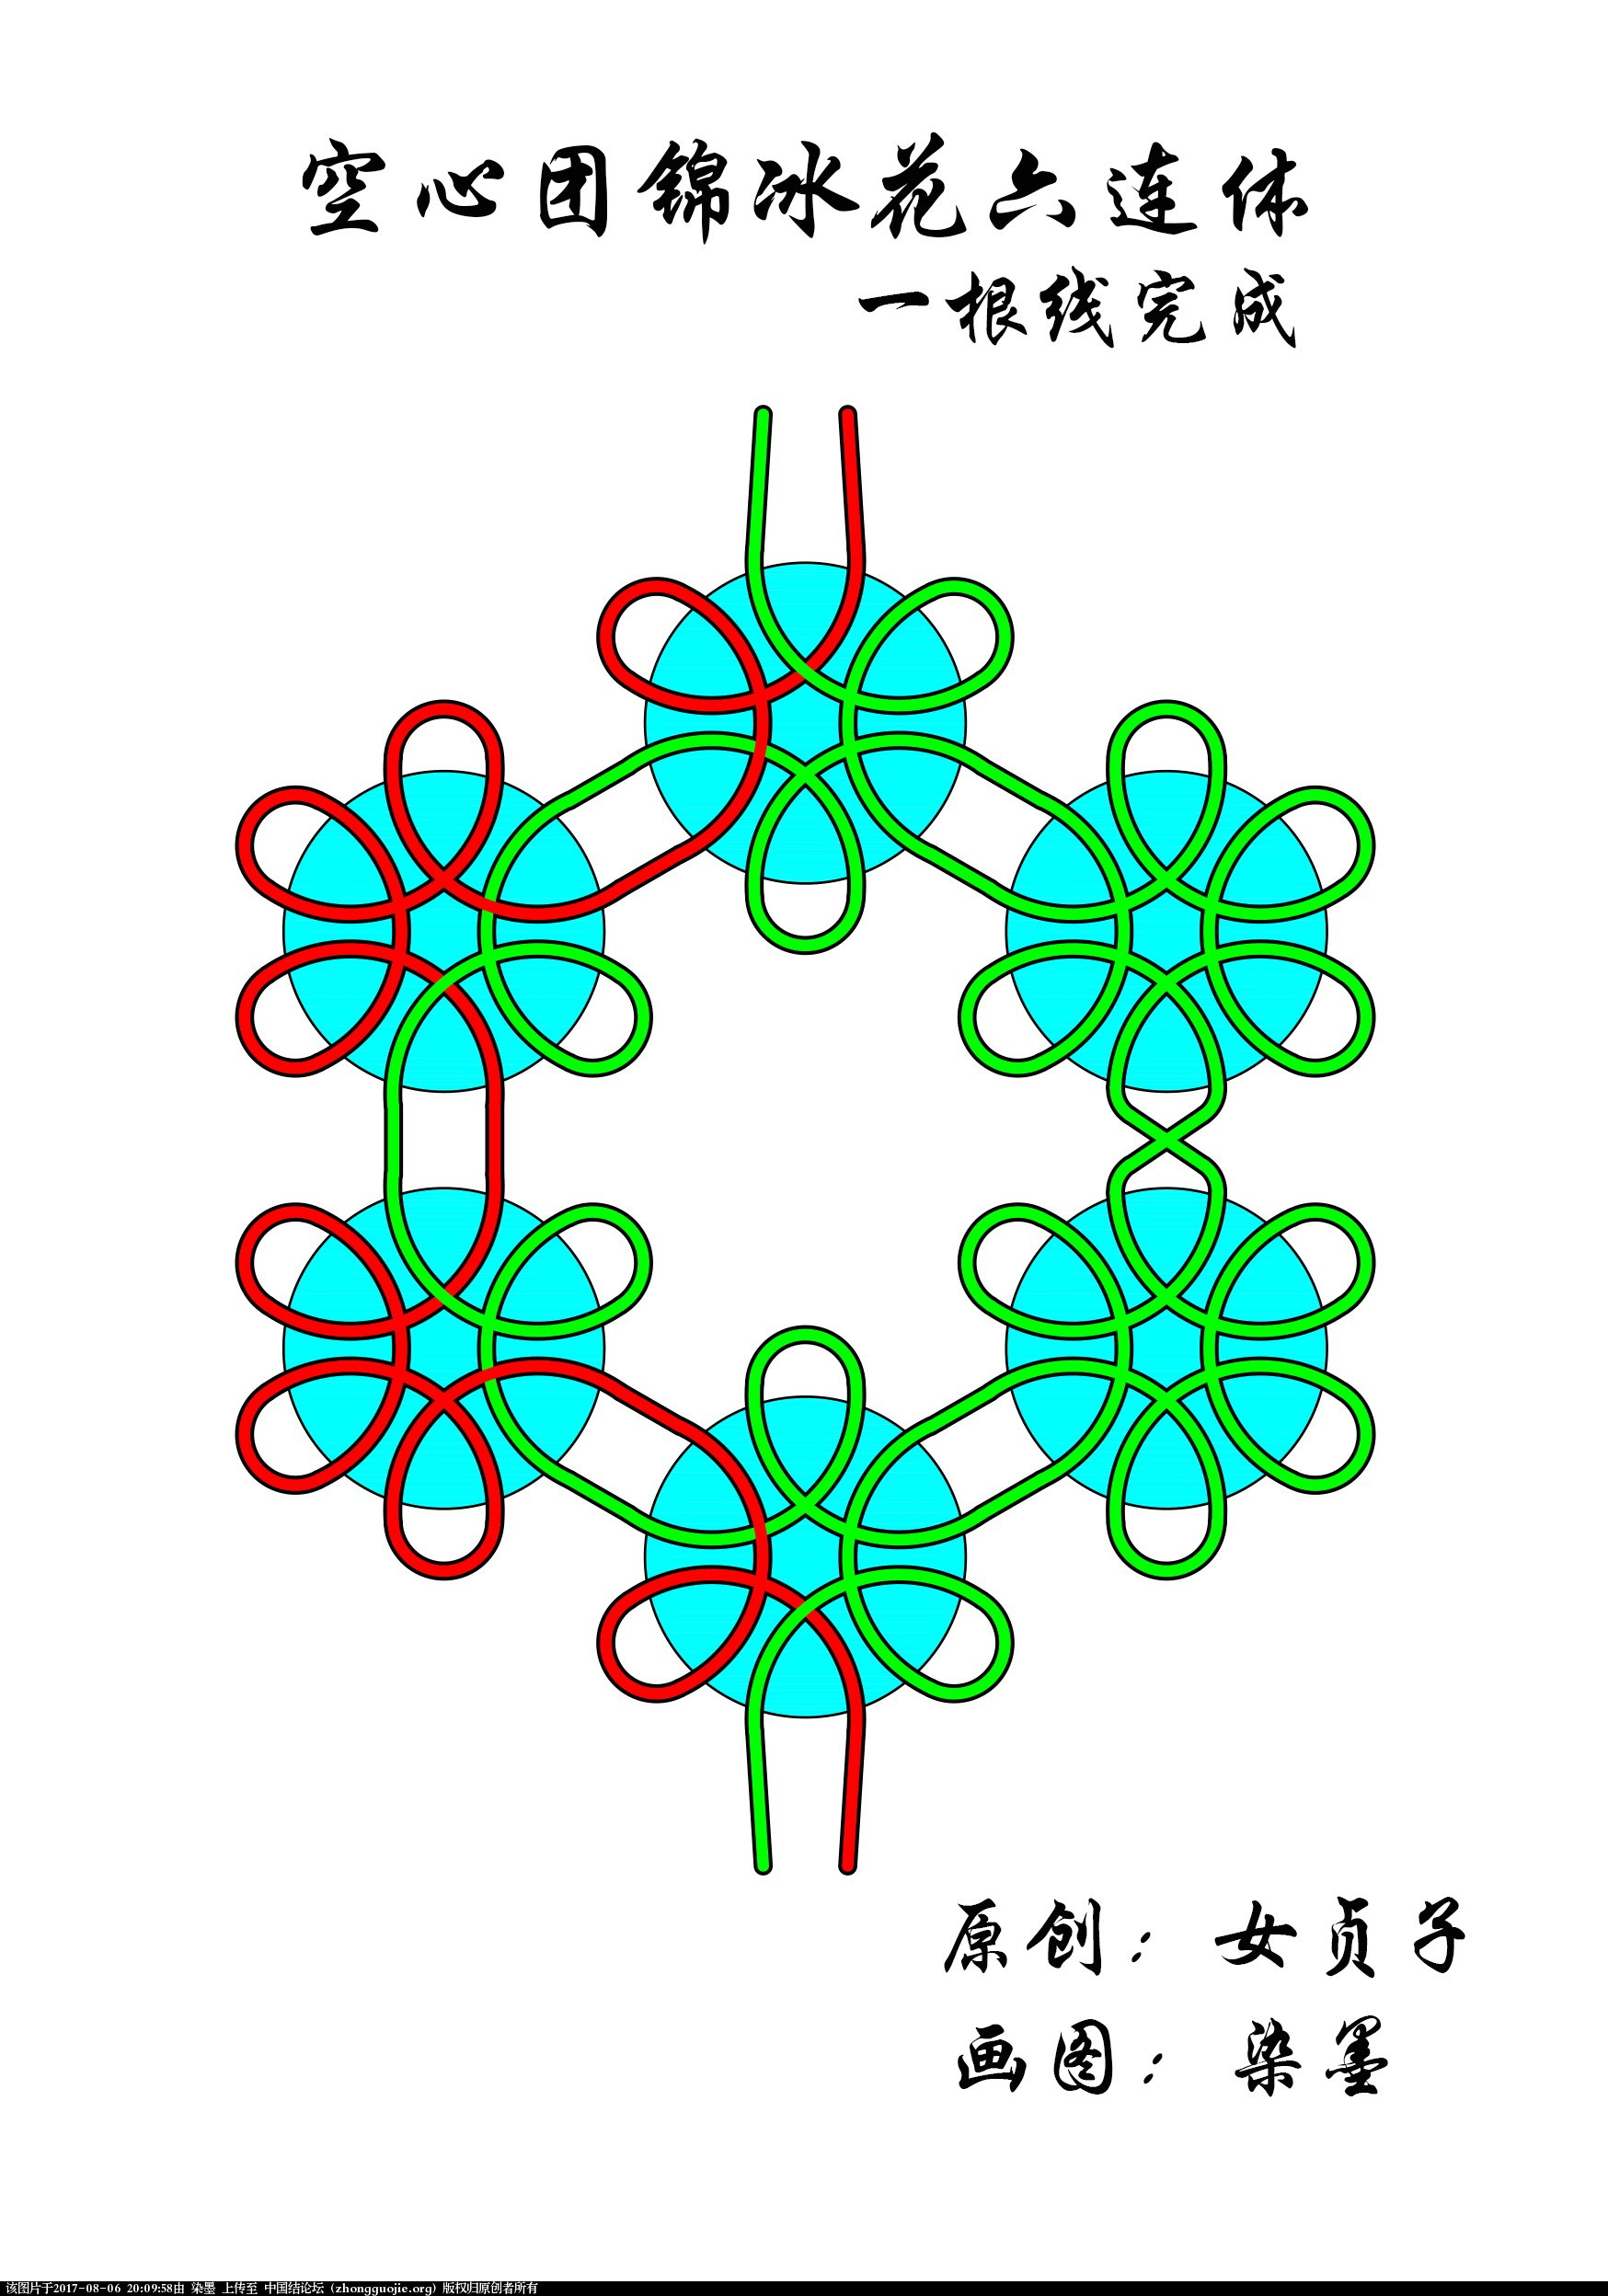 中国结论坛 空心团锦冰花六连体  作品展示 200516a2dxttwr2dtq6i7u